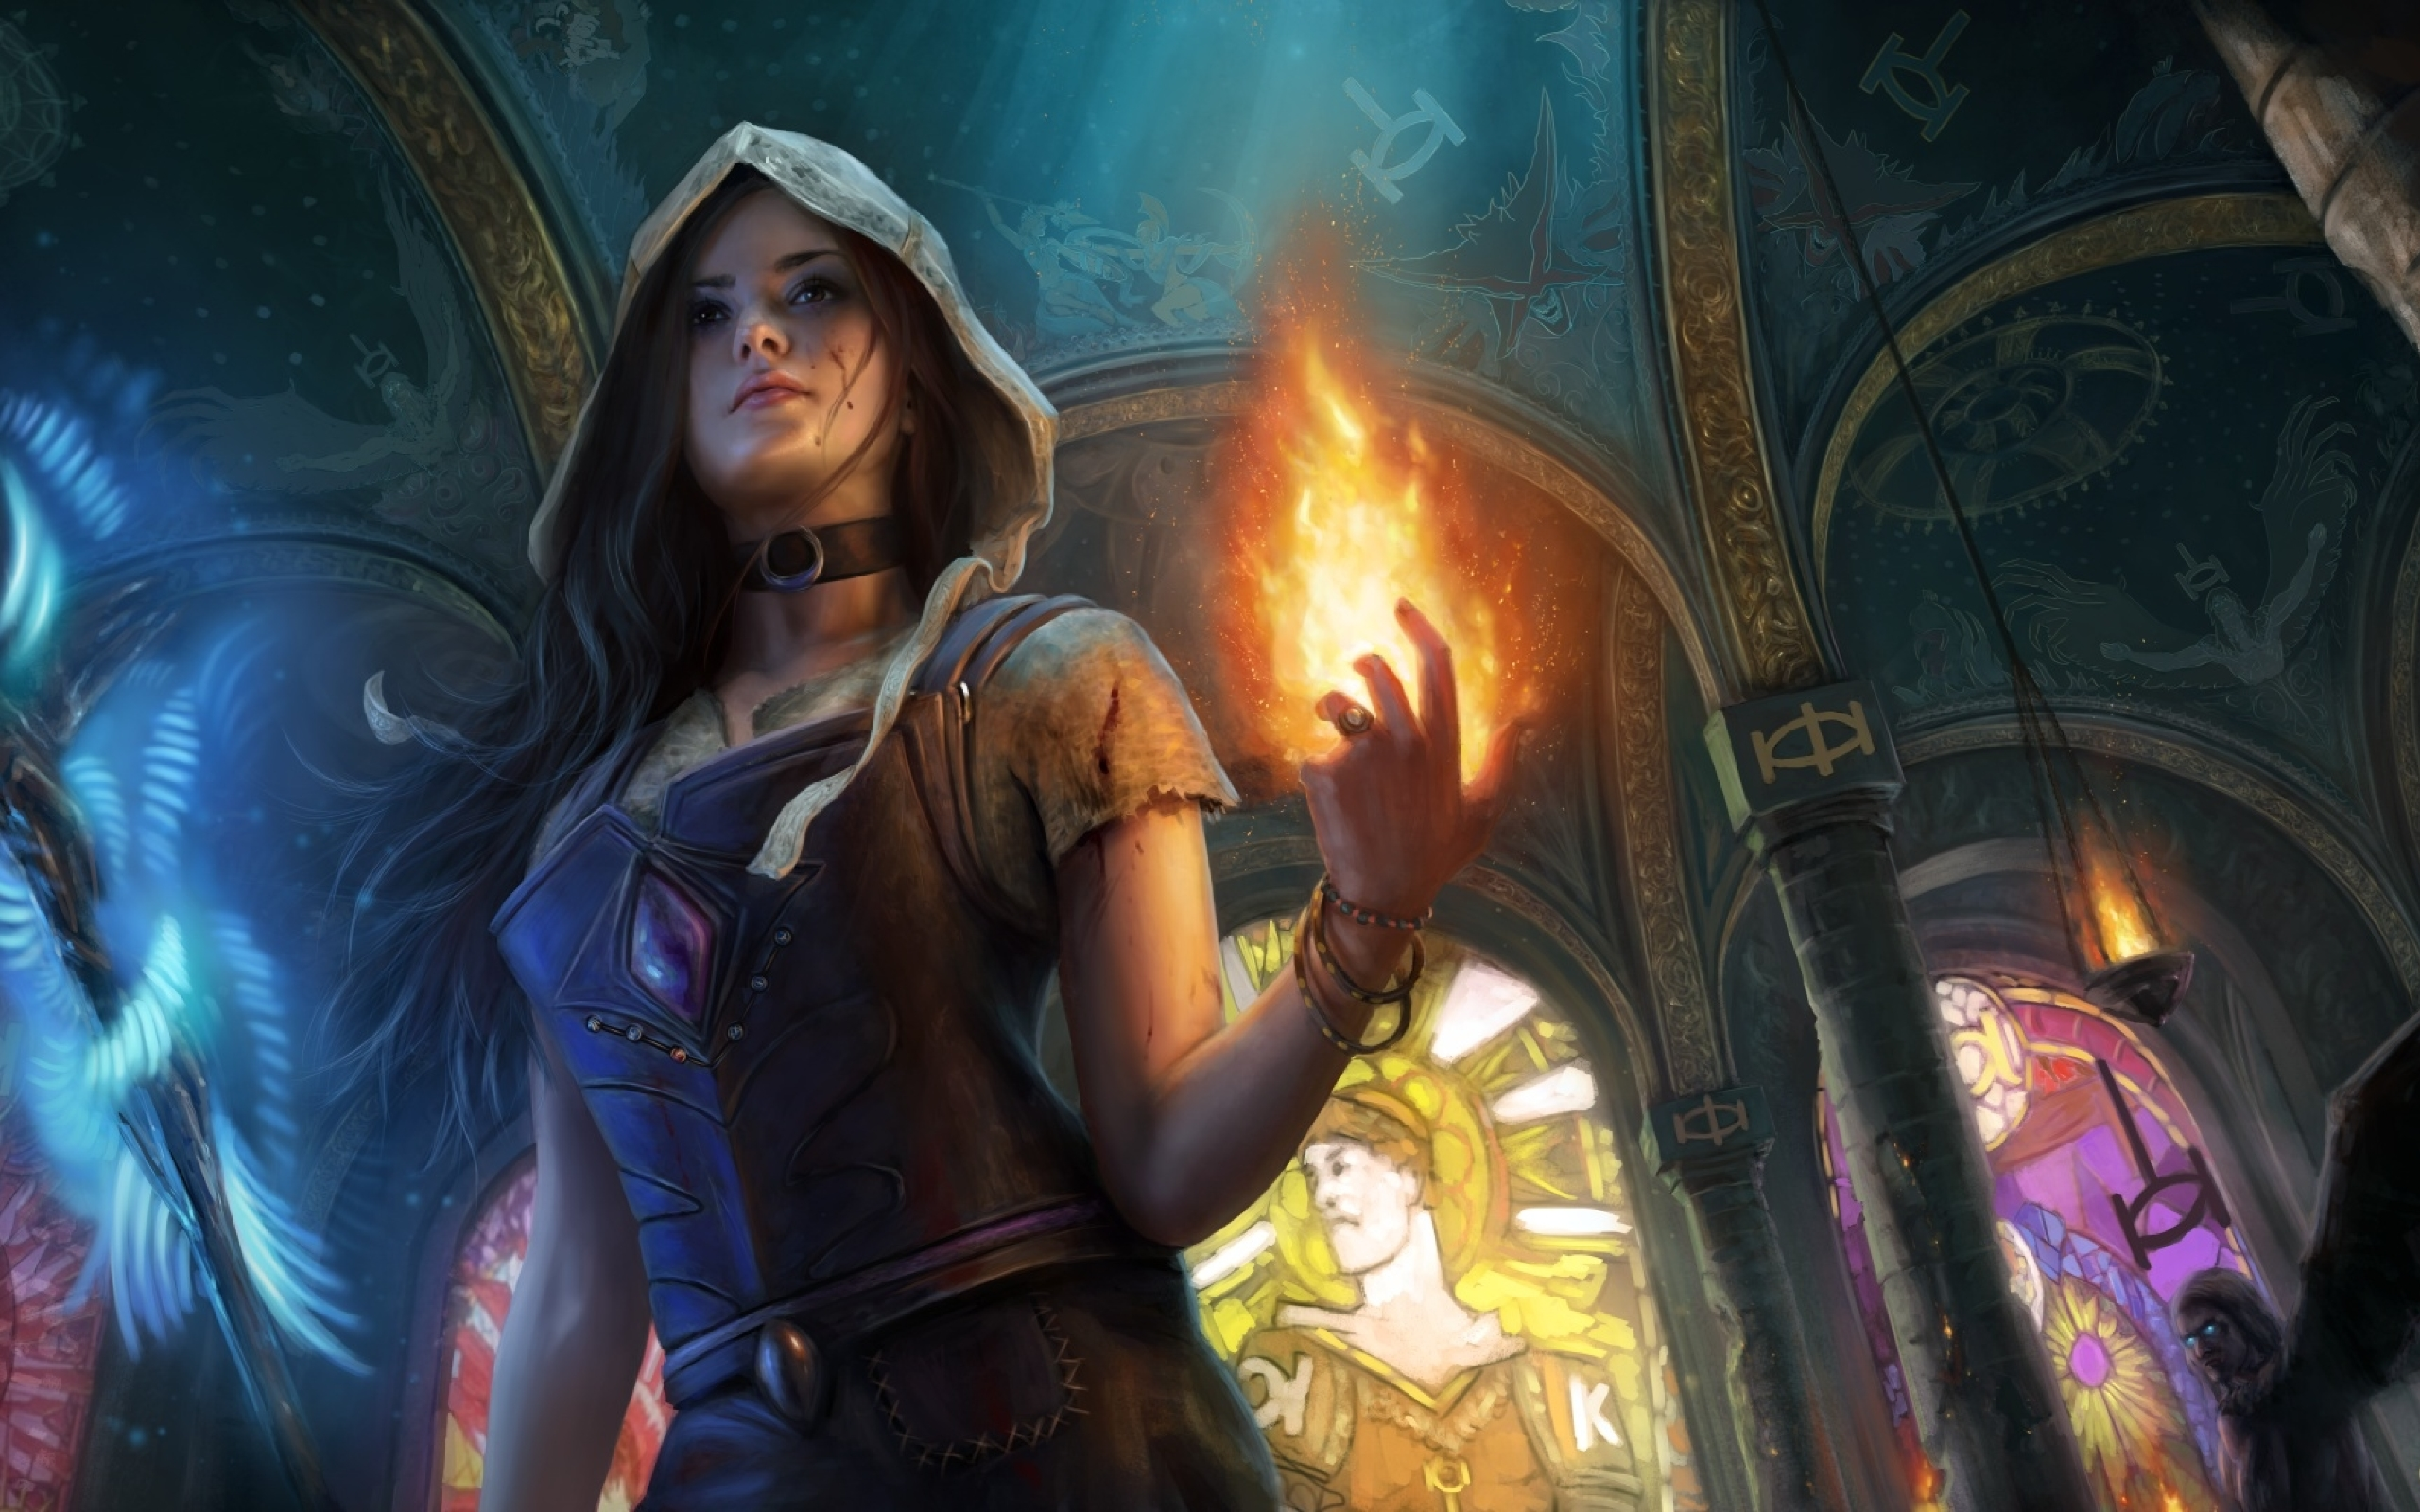 Path Of Exile Fantasy Girl Artwork, Full HD Wallpaper